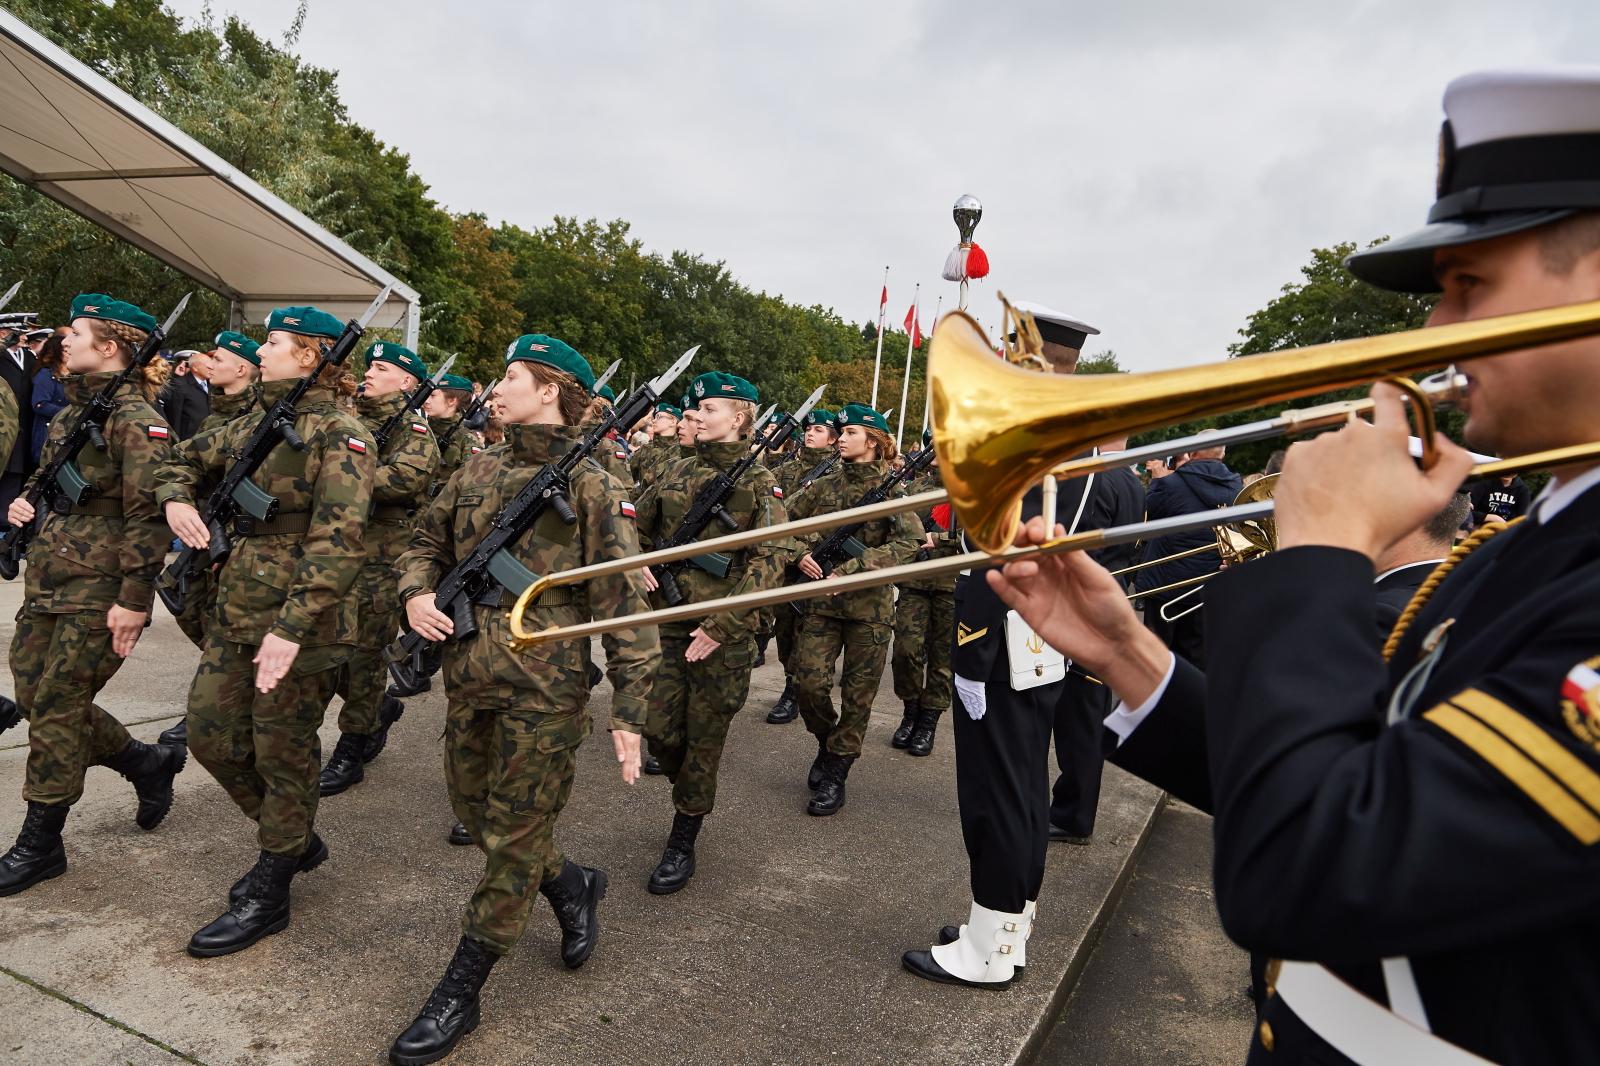 Uroczysta przysięga wojskowa na Westerplatte, Gdańsk